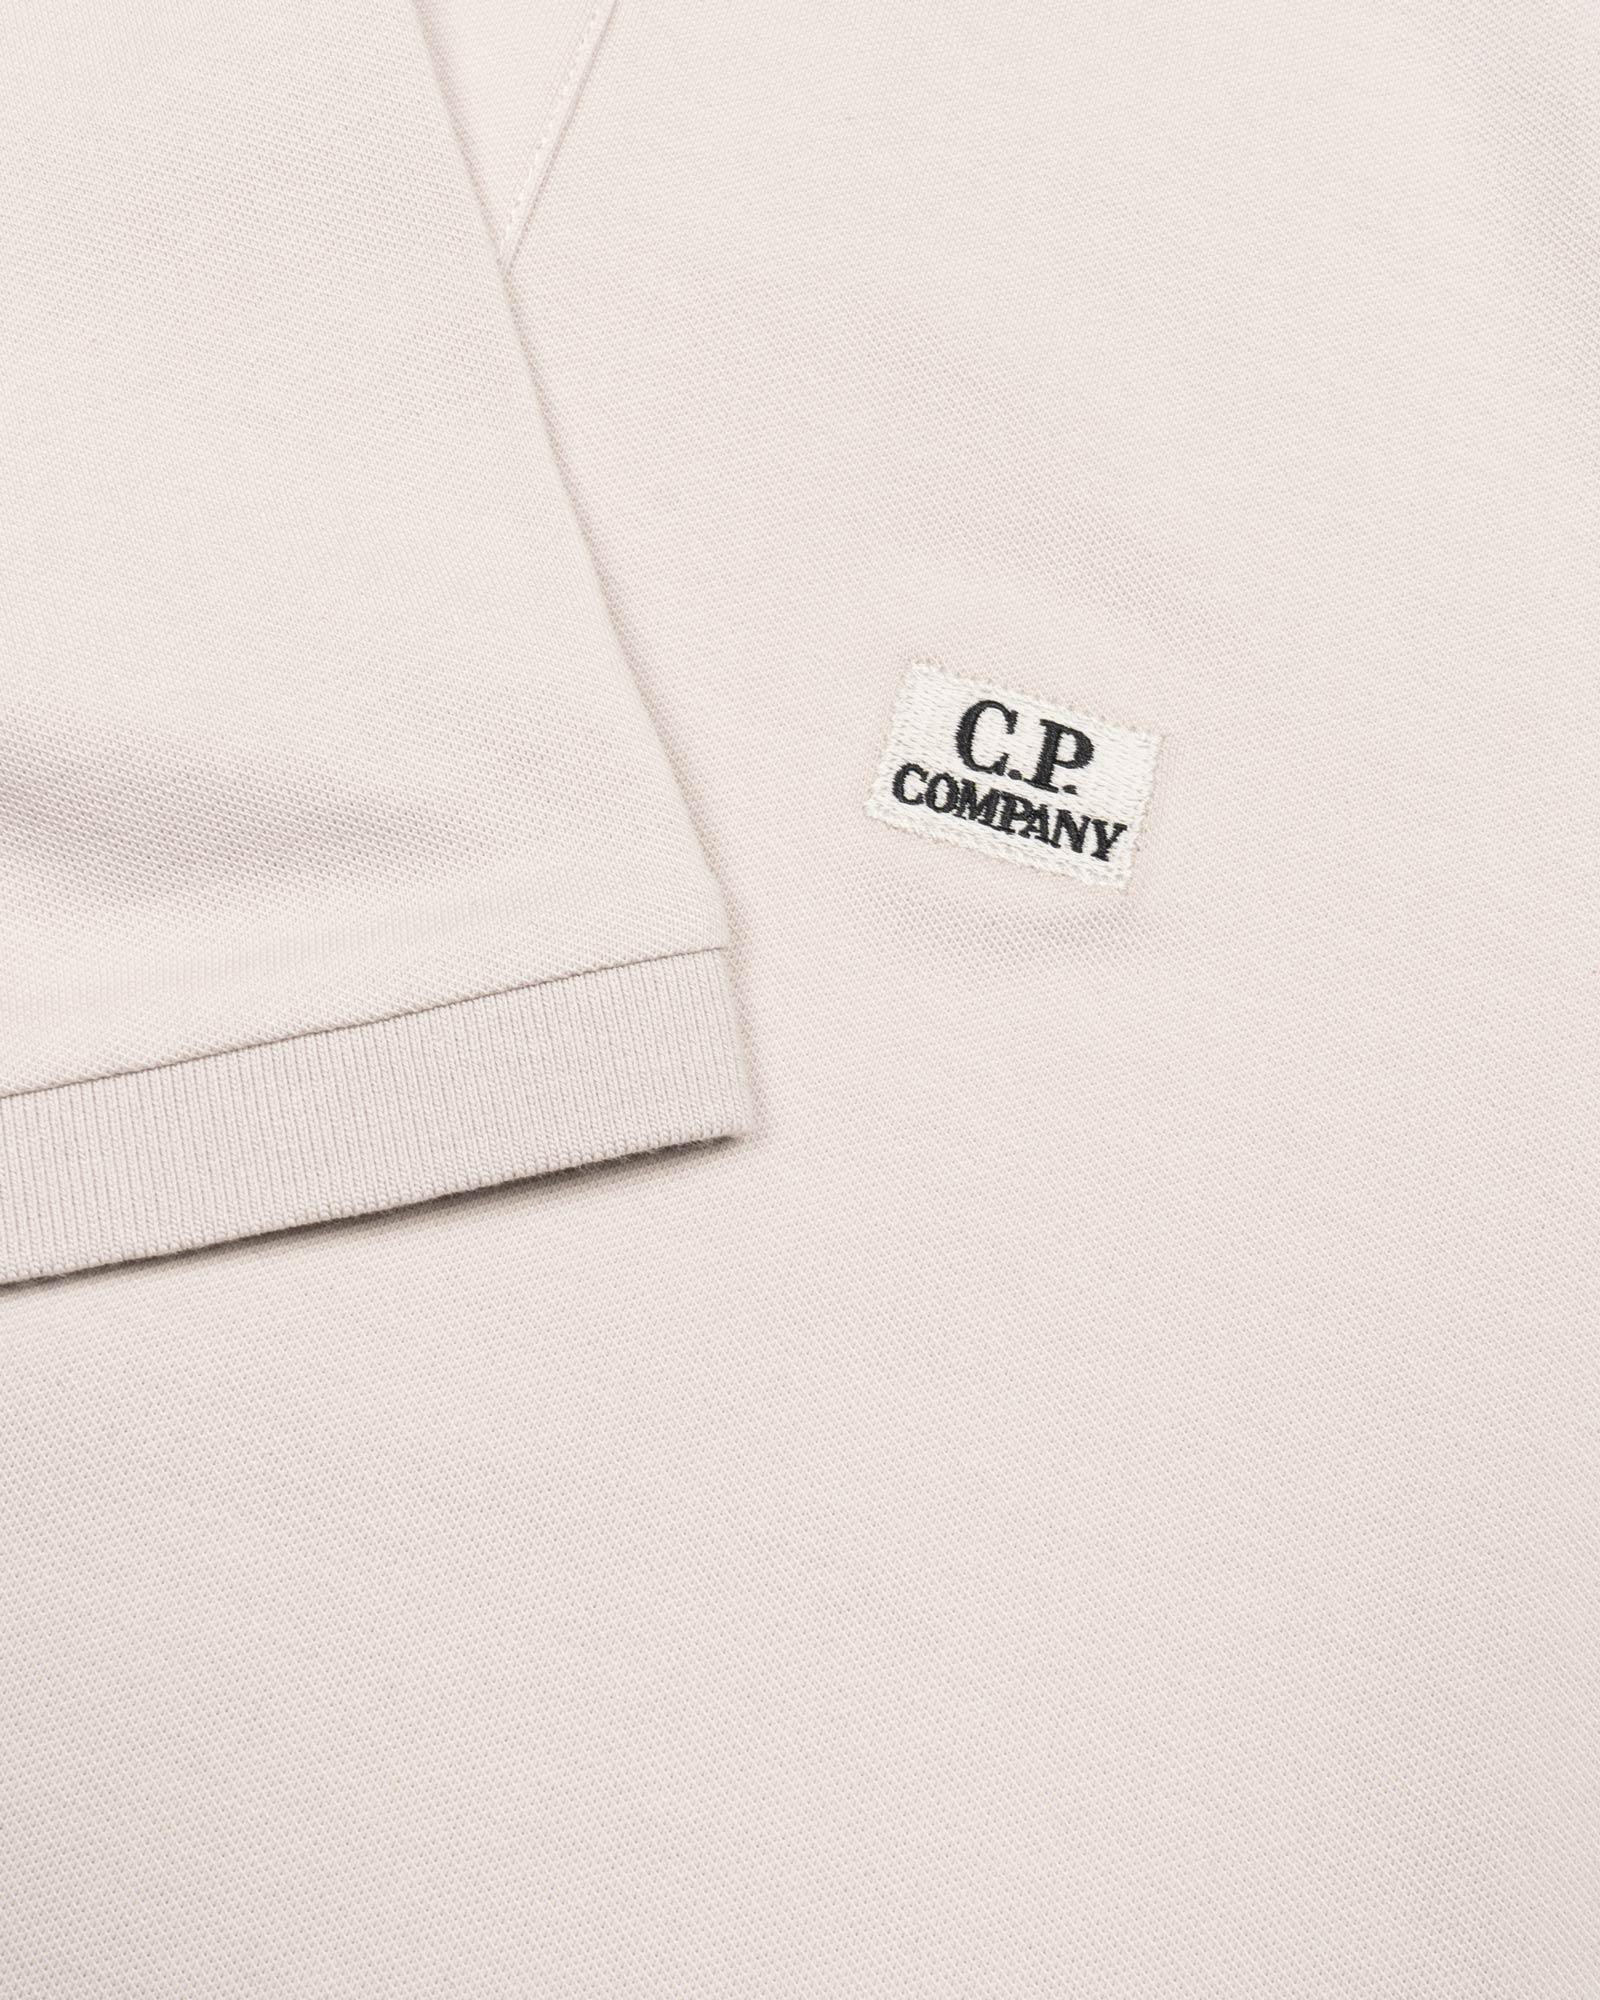 Мужское поло C.P.Company Pique